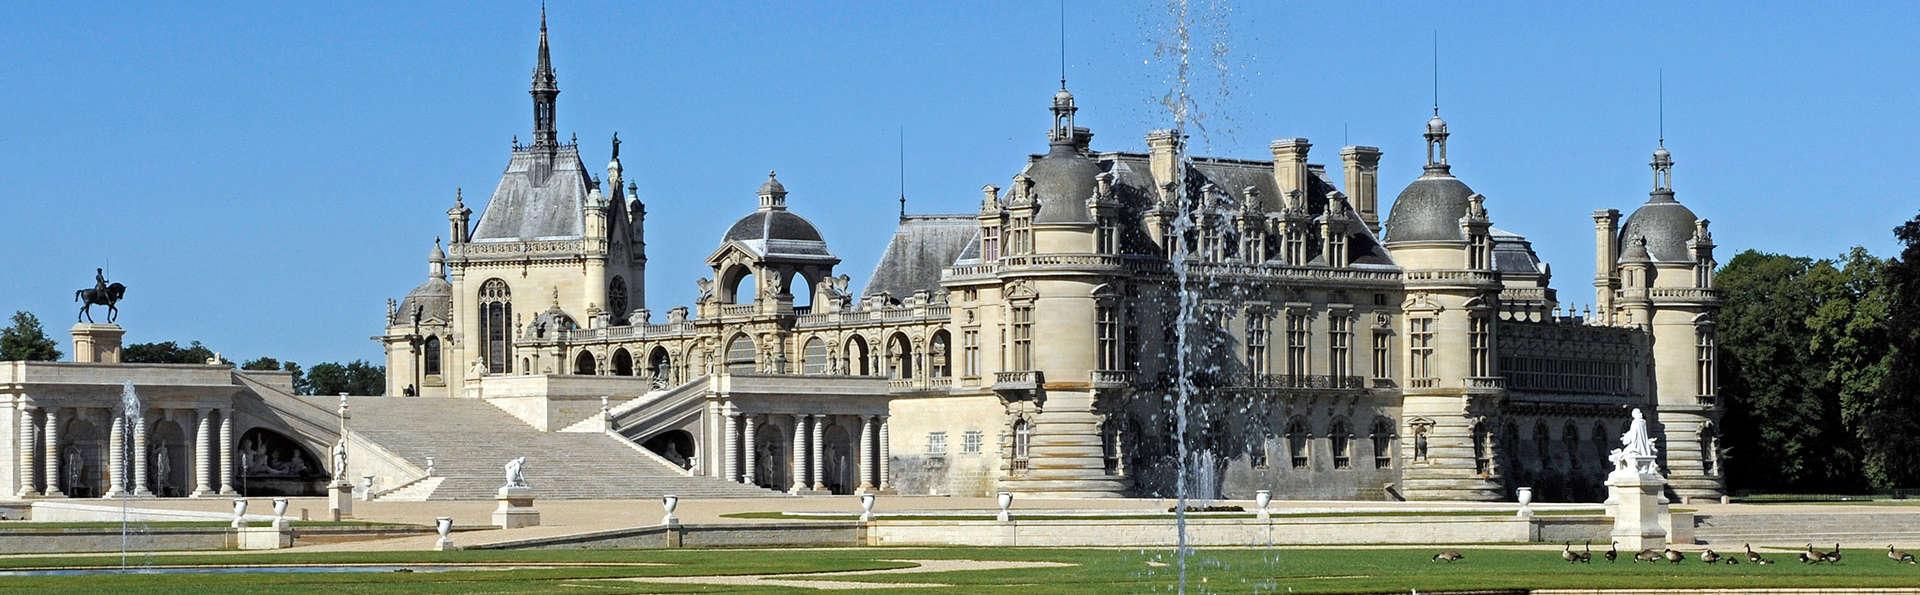 Détente et culture avec visite du Domaine de Chantilly